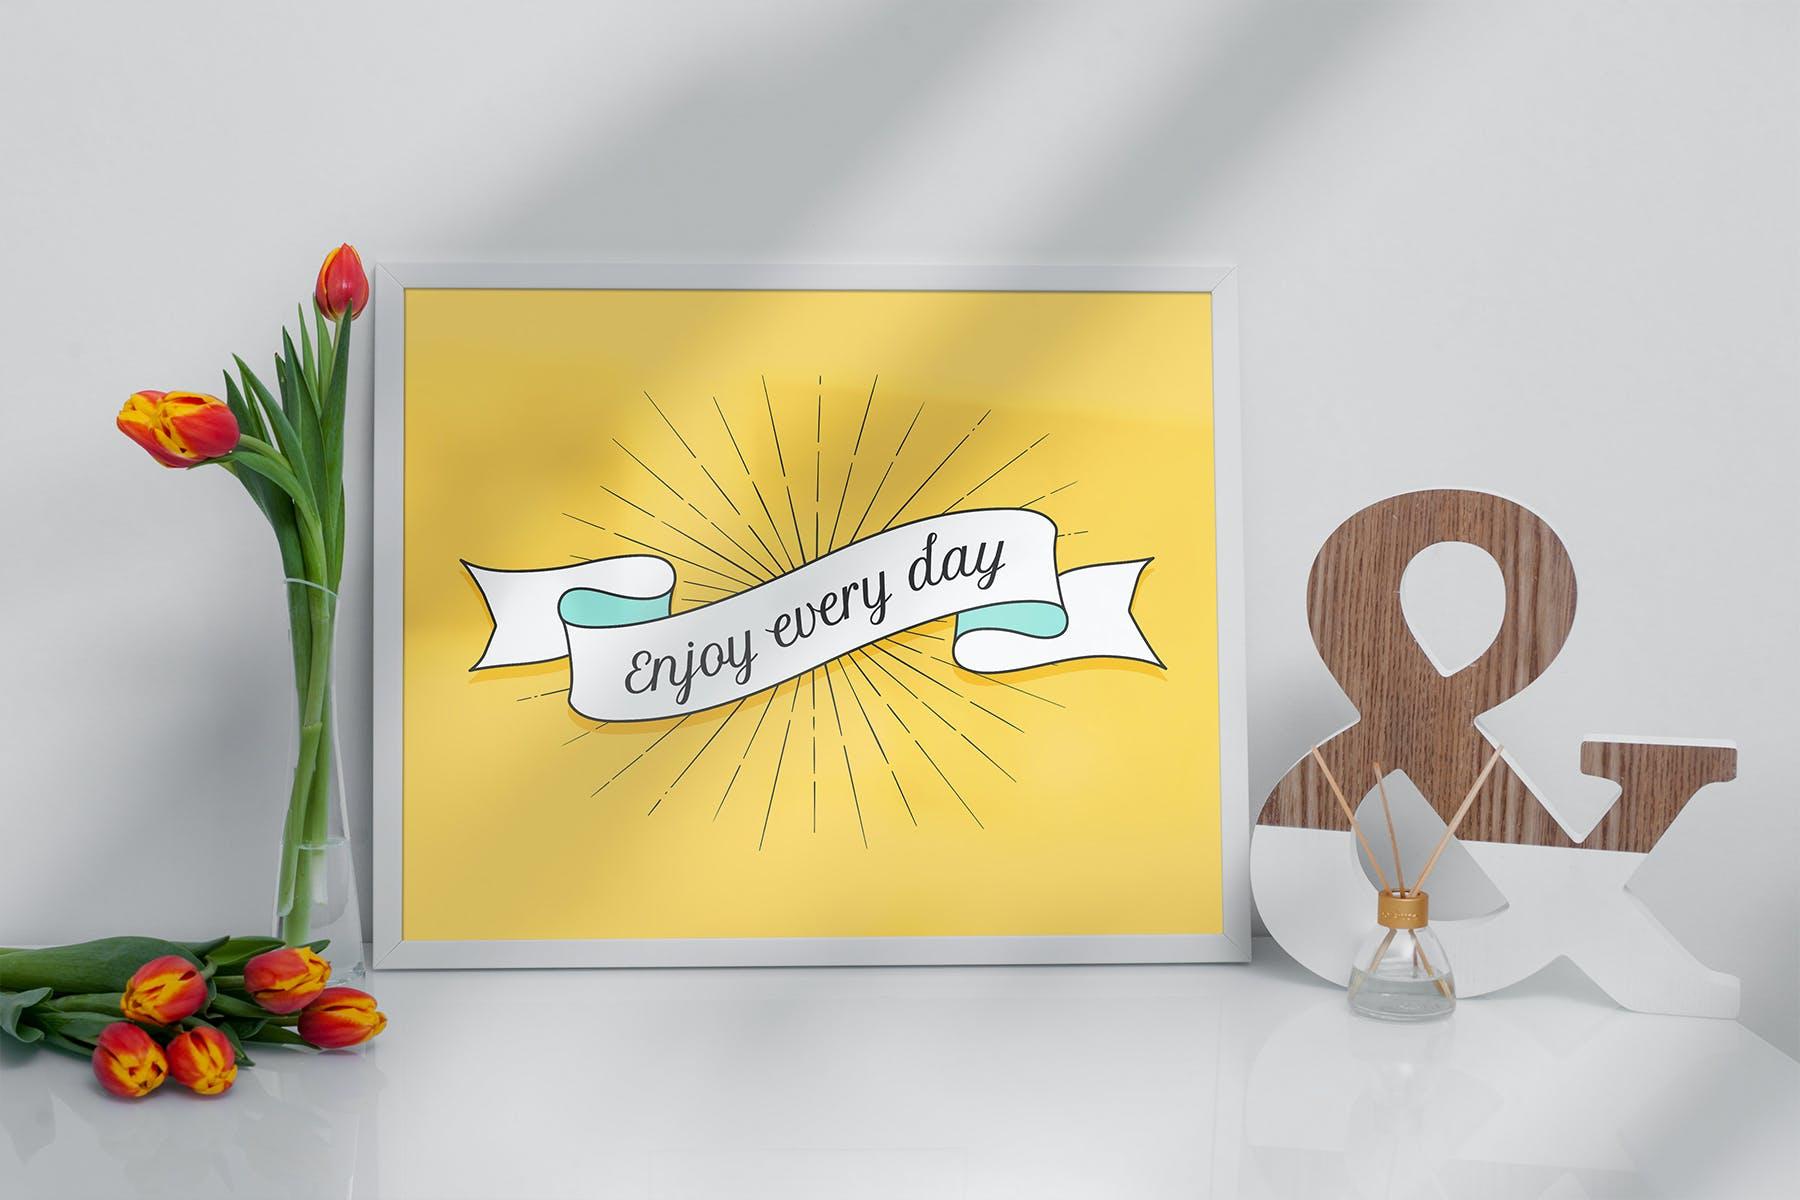 室内相片艺术品海报展示相框样机模板 Frame Mockup Home Style插图(4)